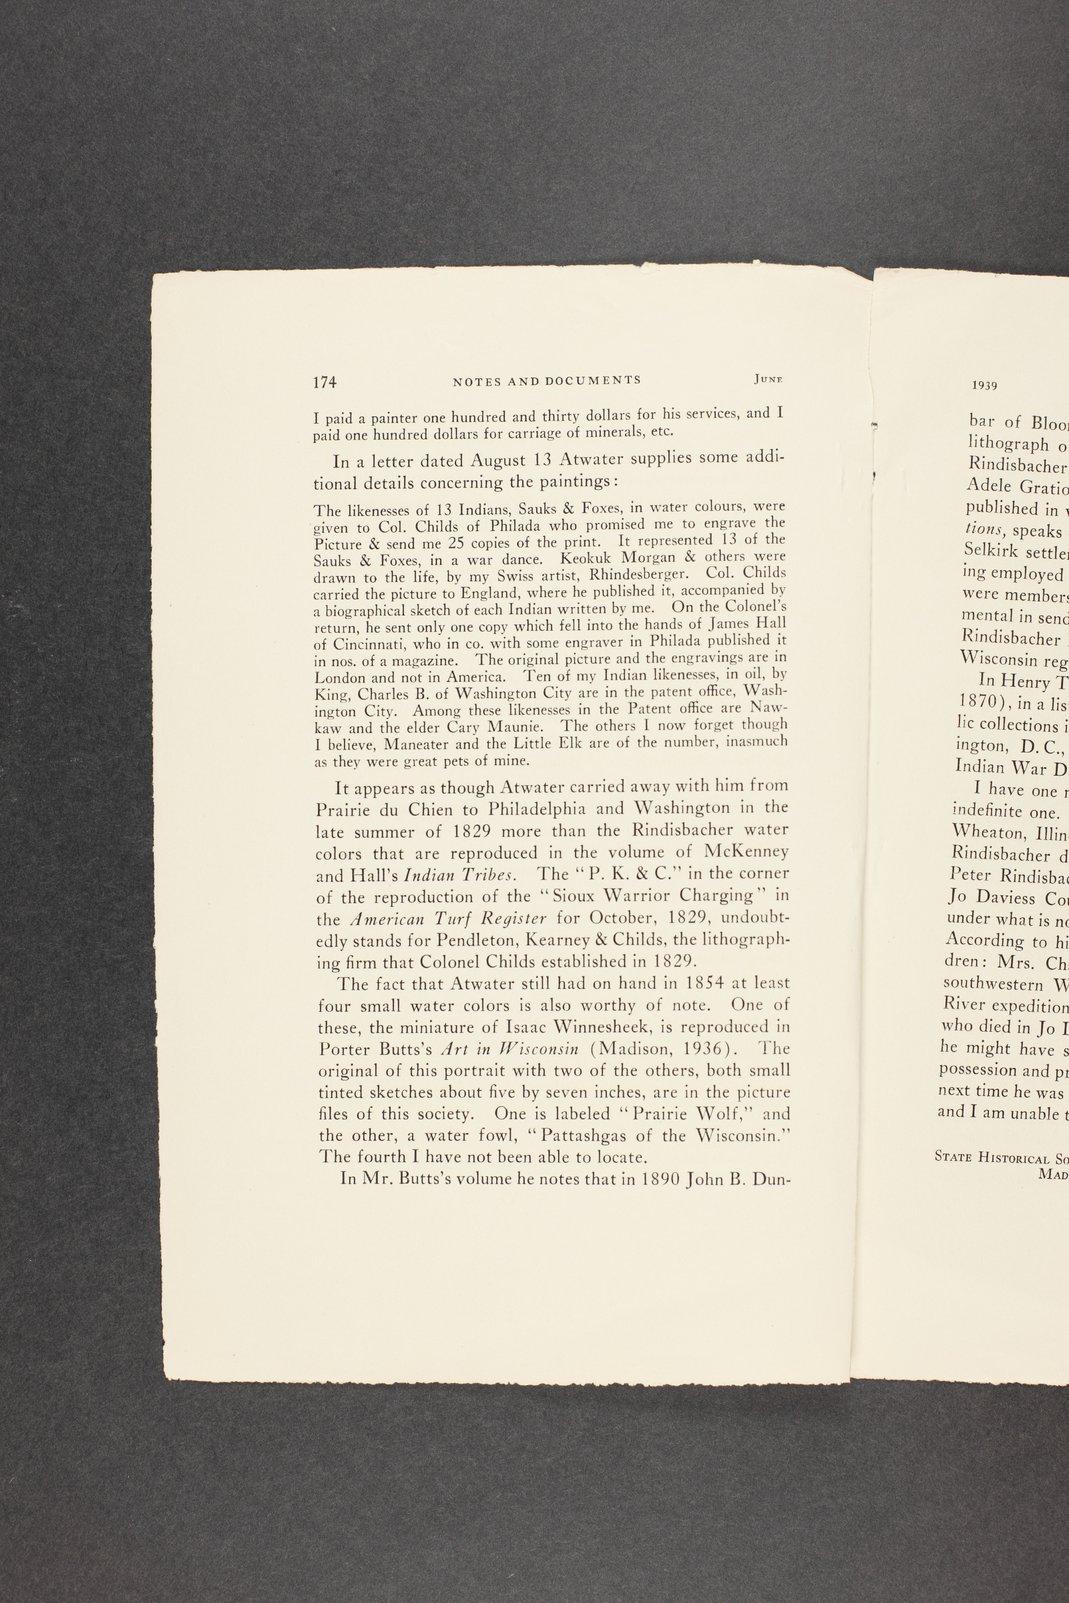 Robert Taft correspondence related to frontier artists, Rindesbacker - Schott - 12